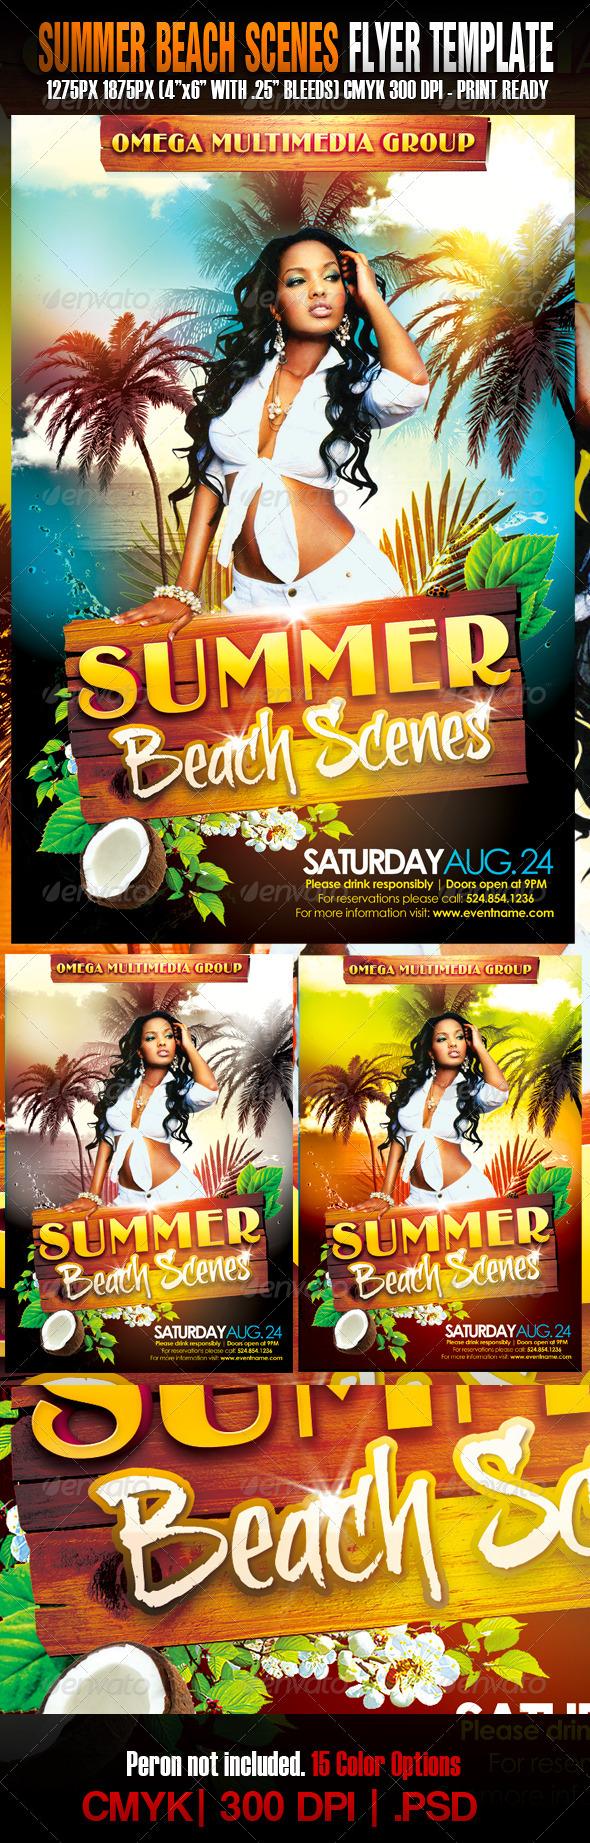 GraphicRiver - The Summer Beach Scenes